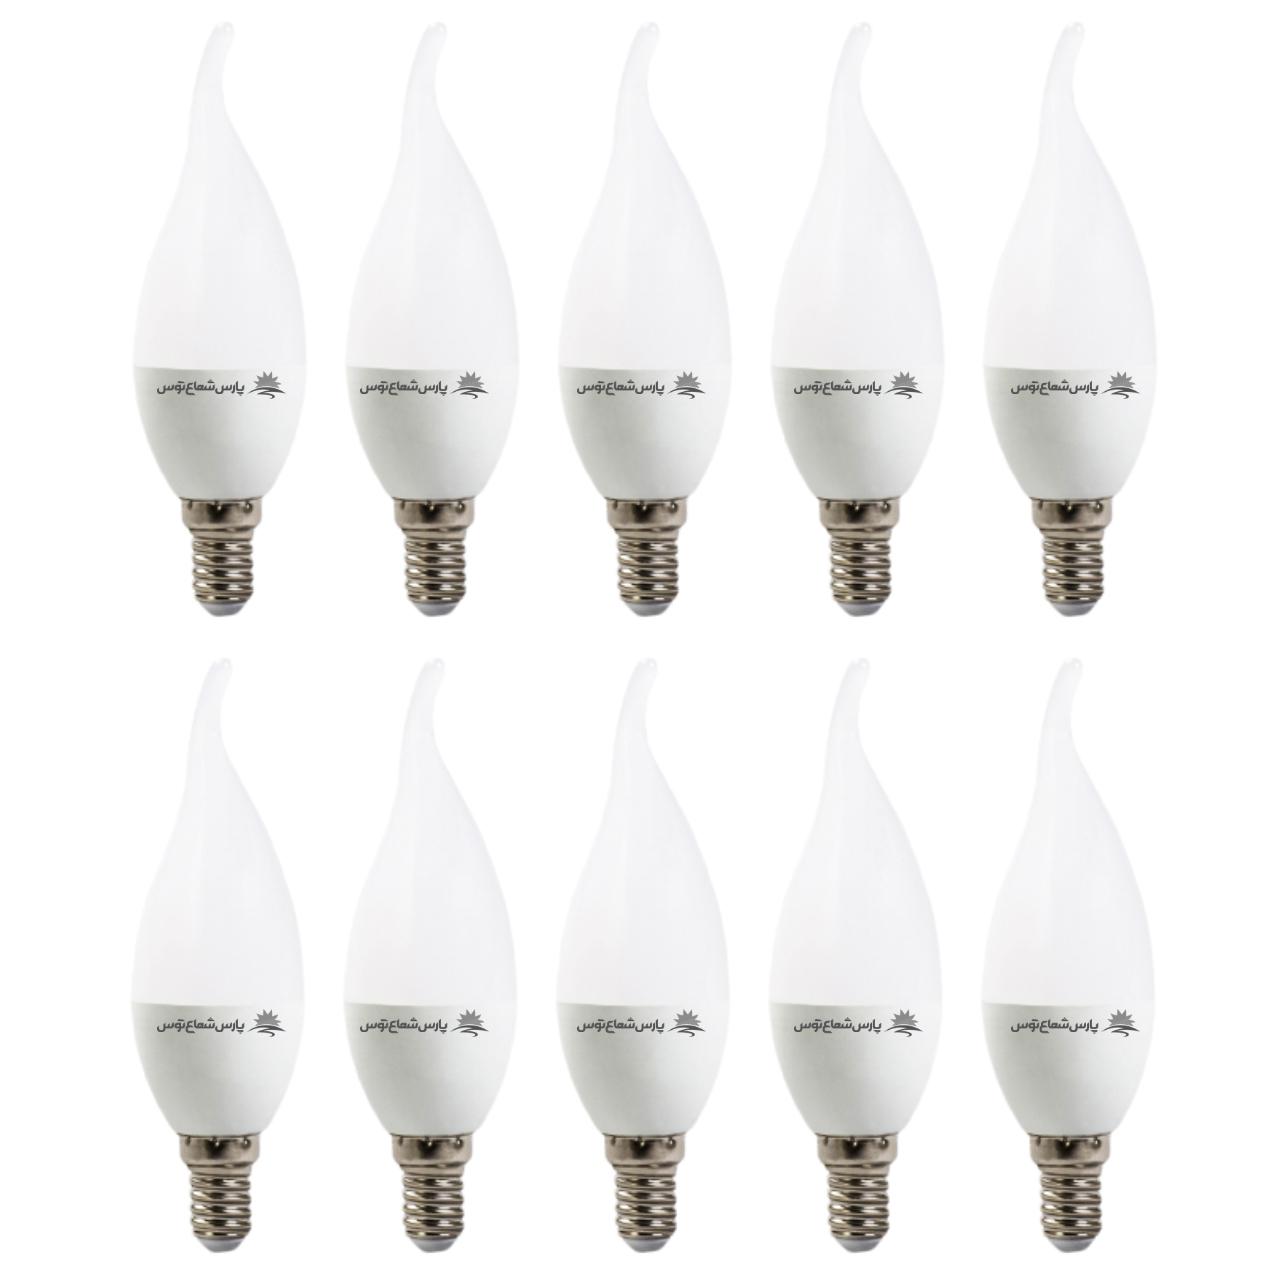 لامپ ال ای دی 7 وات پارس شعاع توس پایه E27 بسته 10 عددی